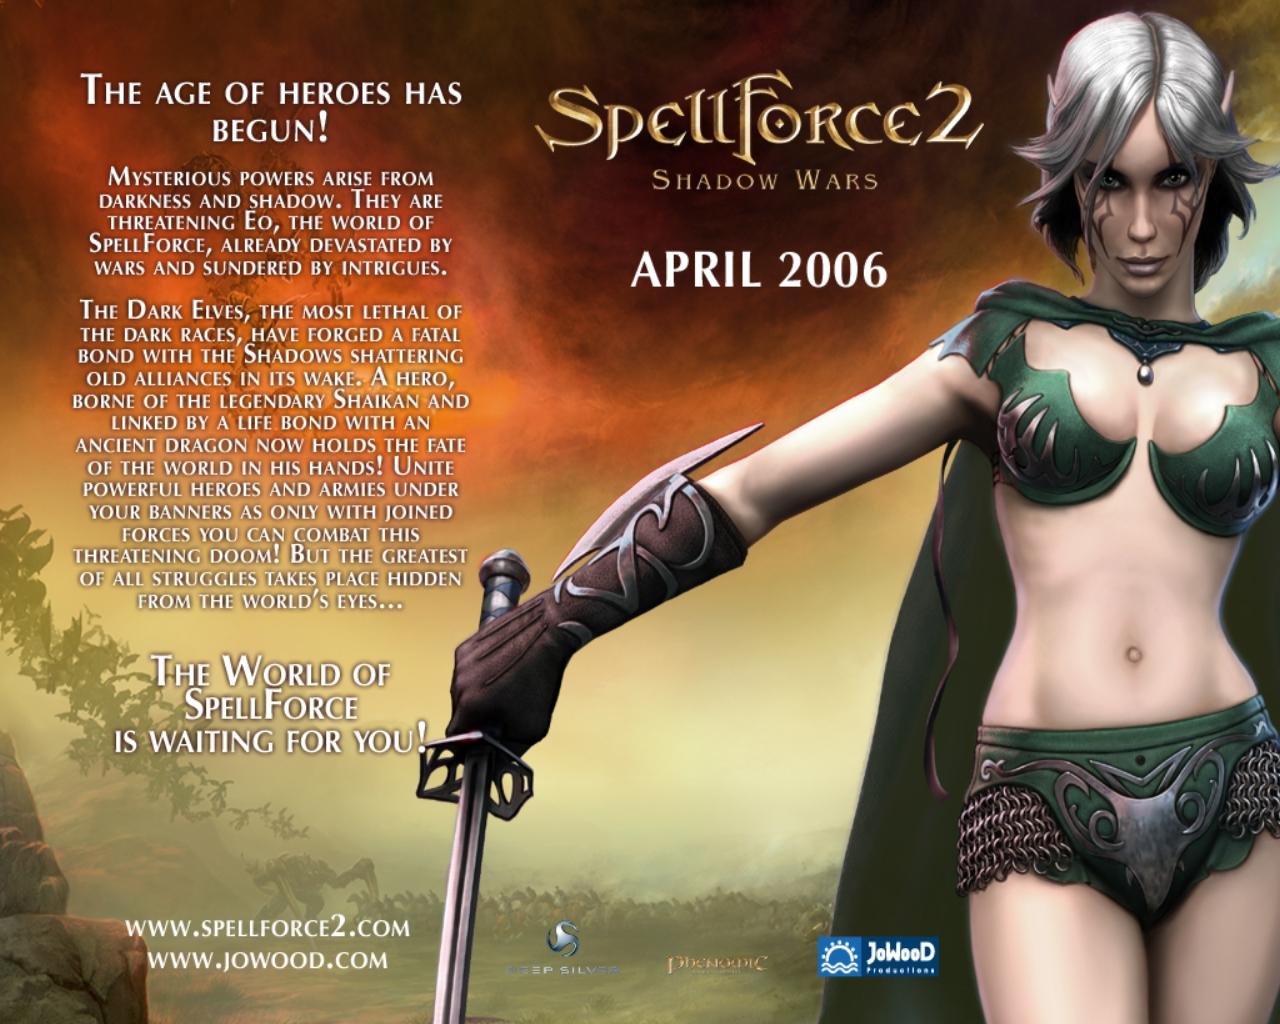 купи! - SpellForce 2: Shadow Wars